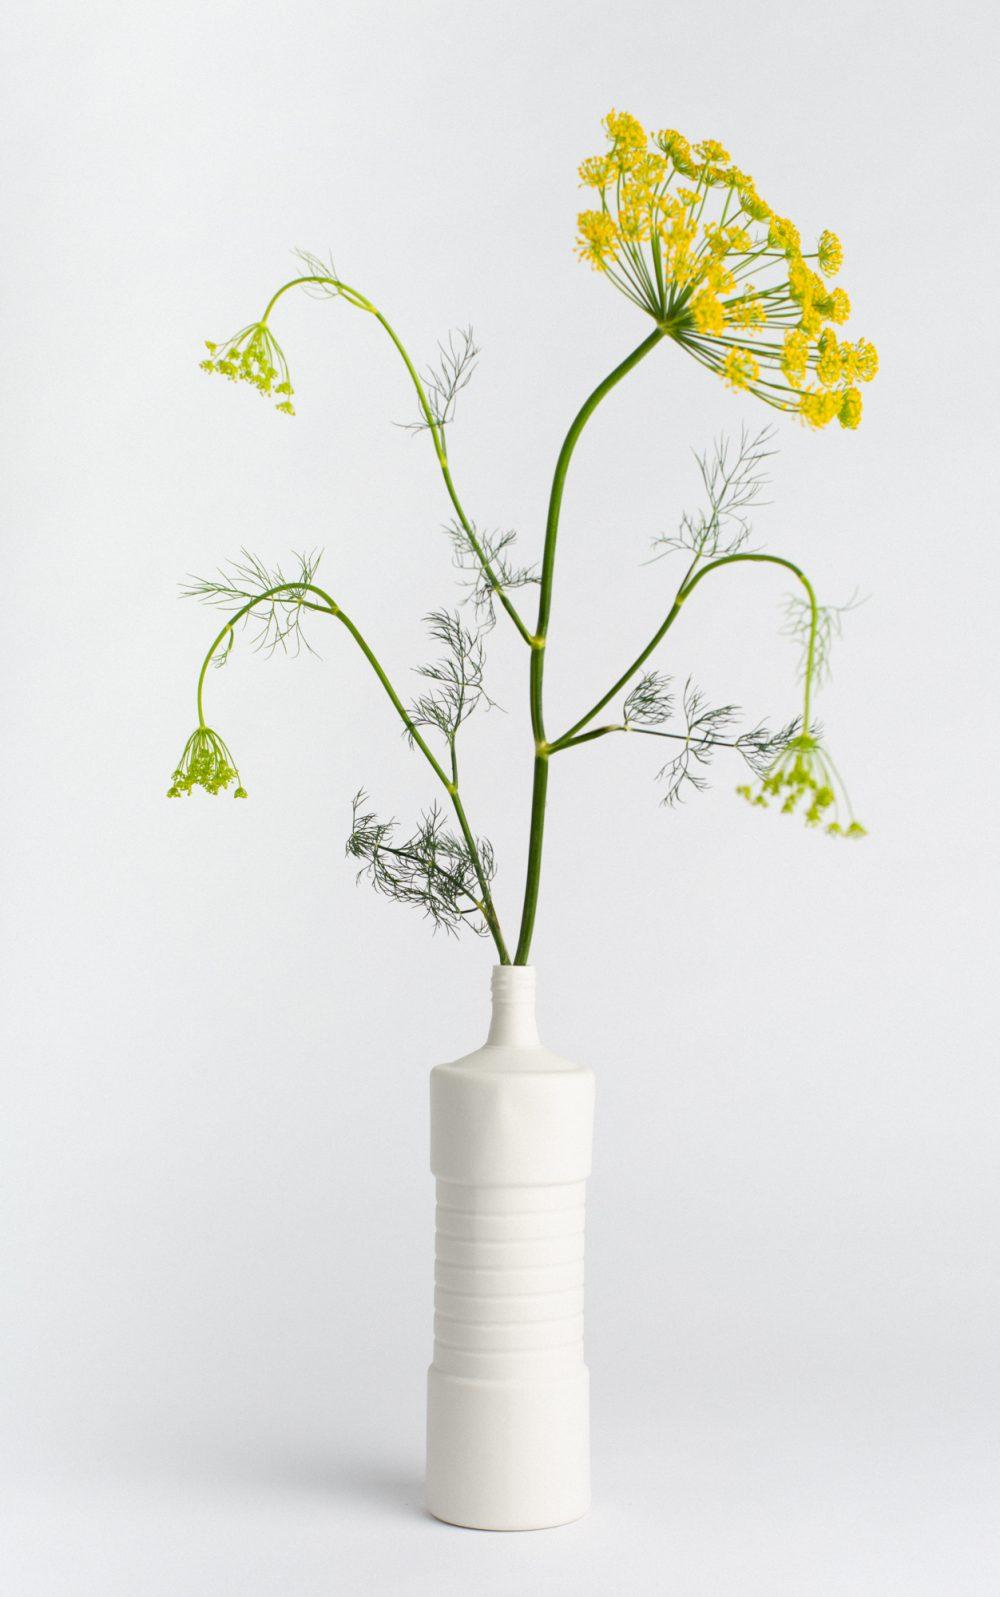 bottle vase #5 white